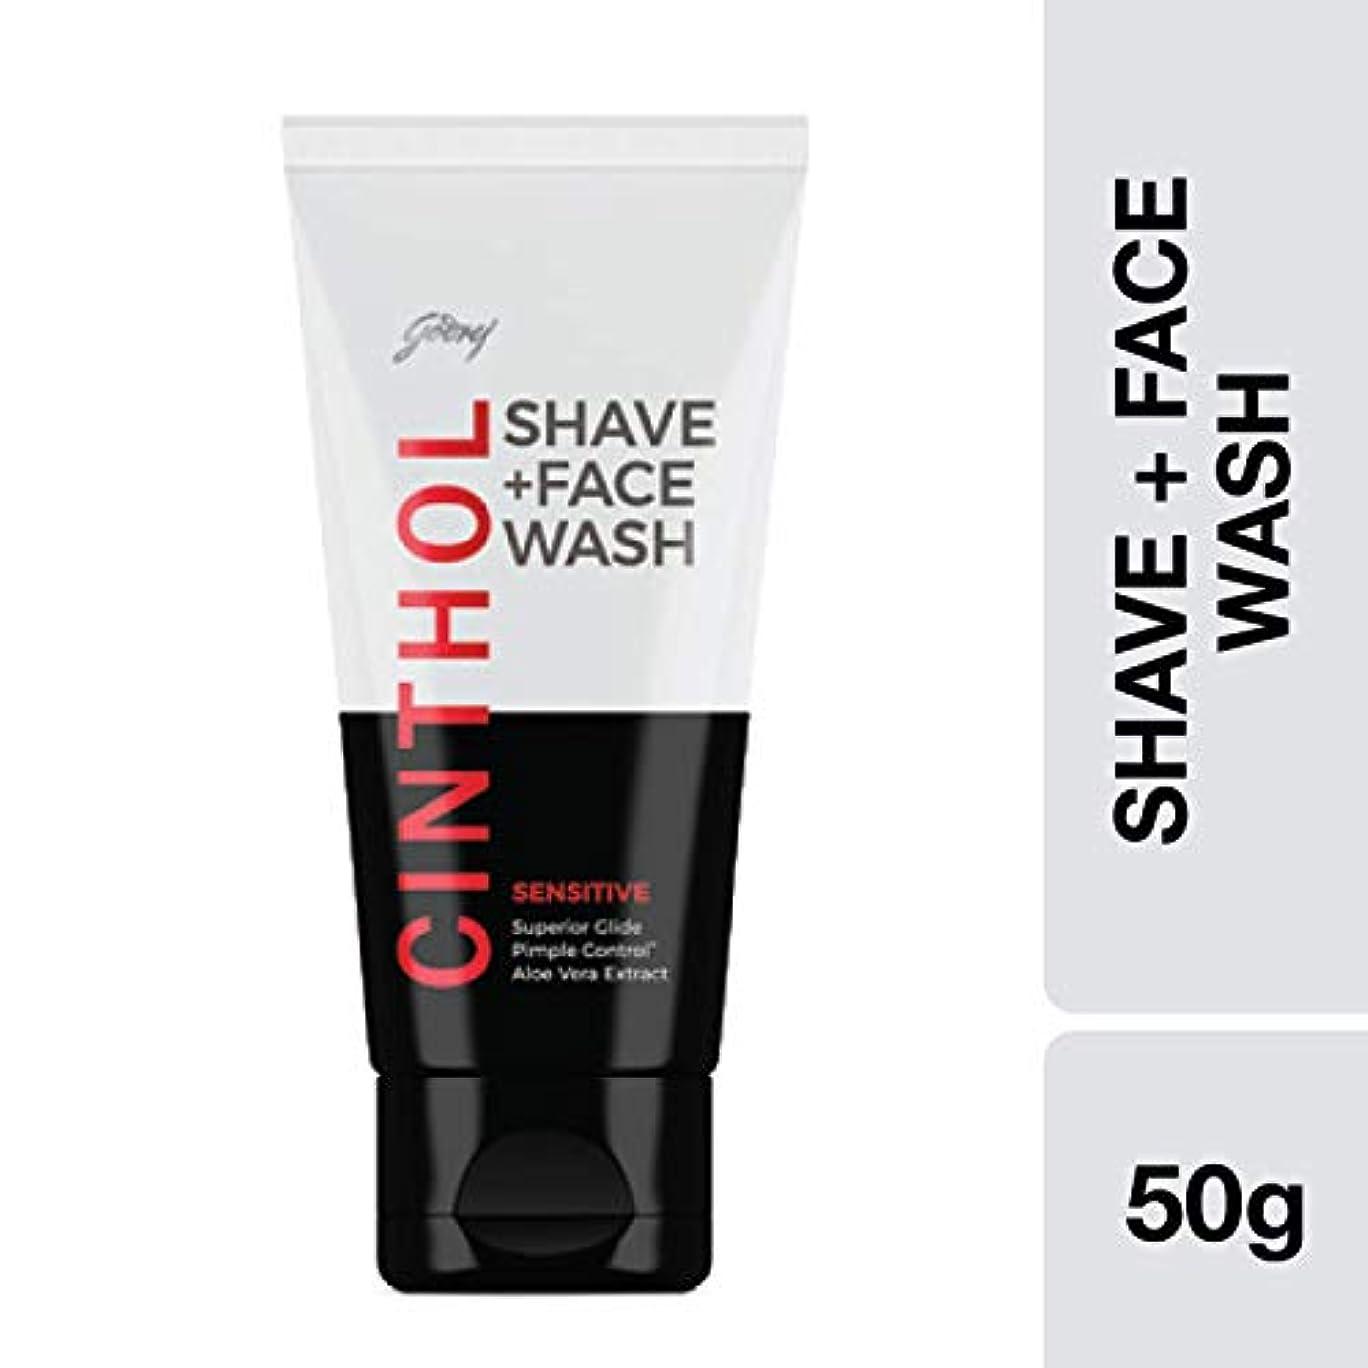 抽出明確に工夫するCinthol Sensitive Shaving + Face Wash, 50g